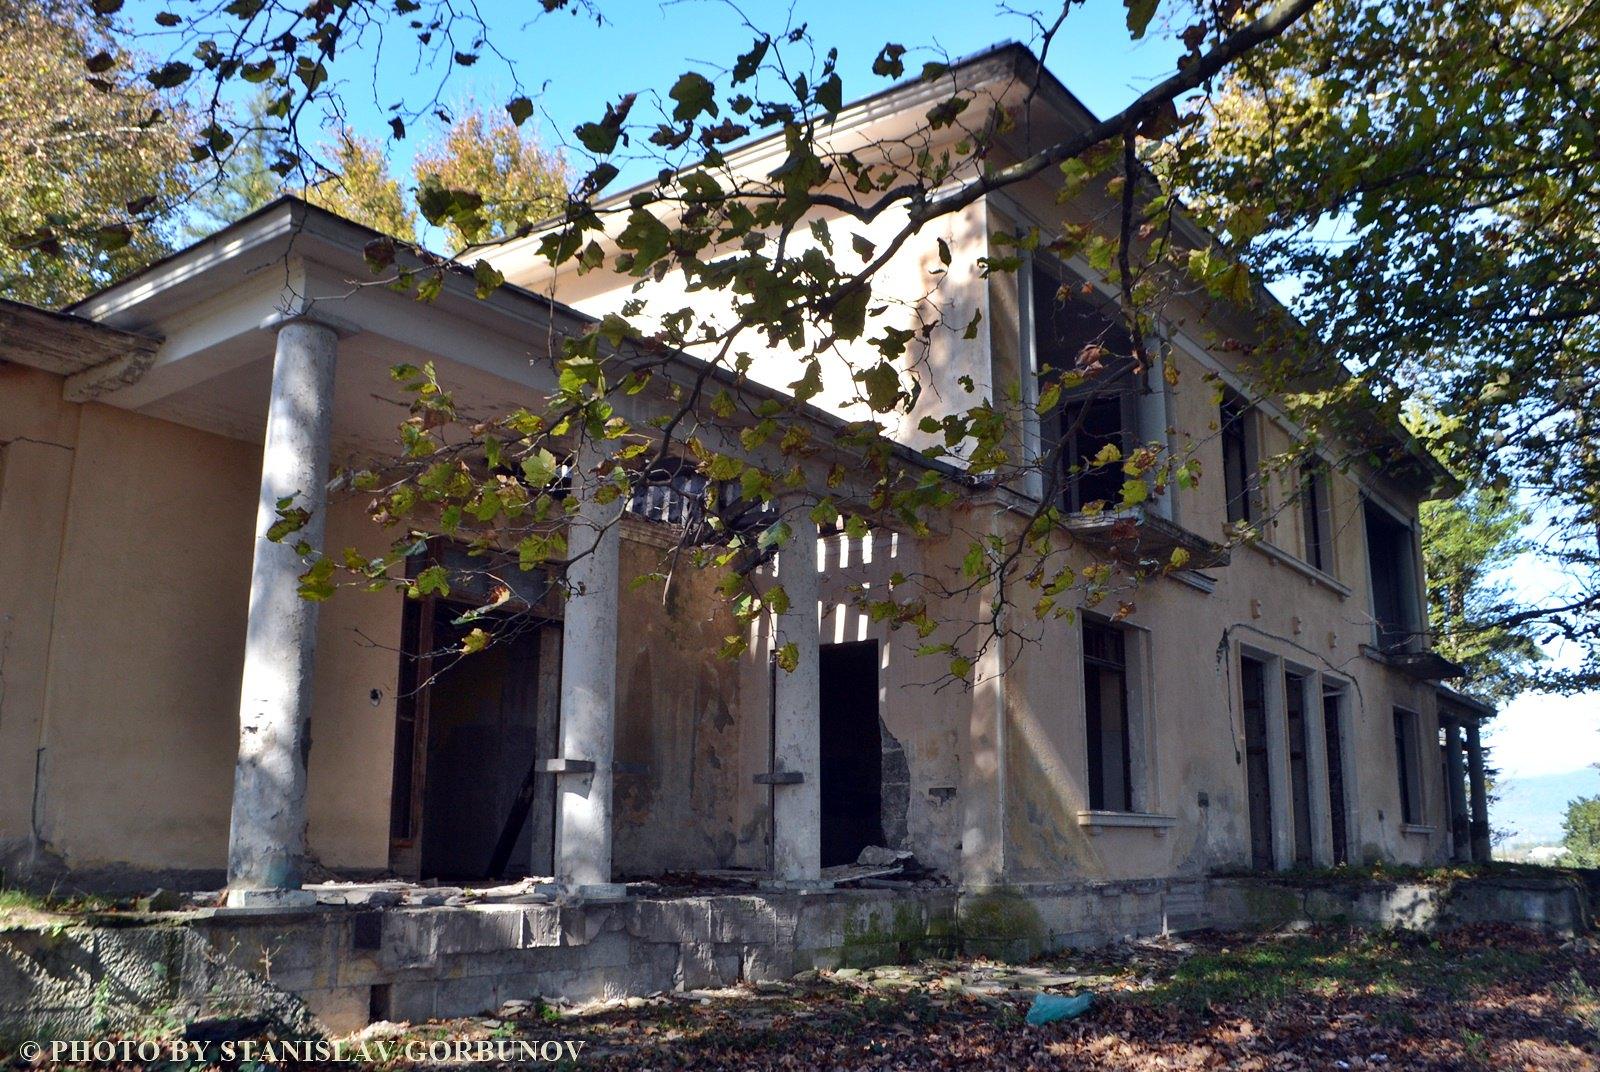 Разруха и забвение. Дача Сталина в грузинском Цхалтубо. stalin09